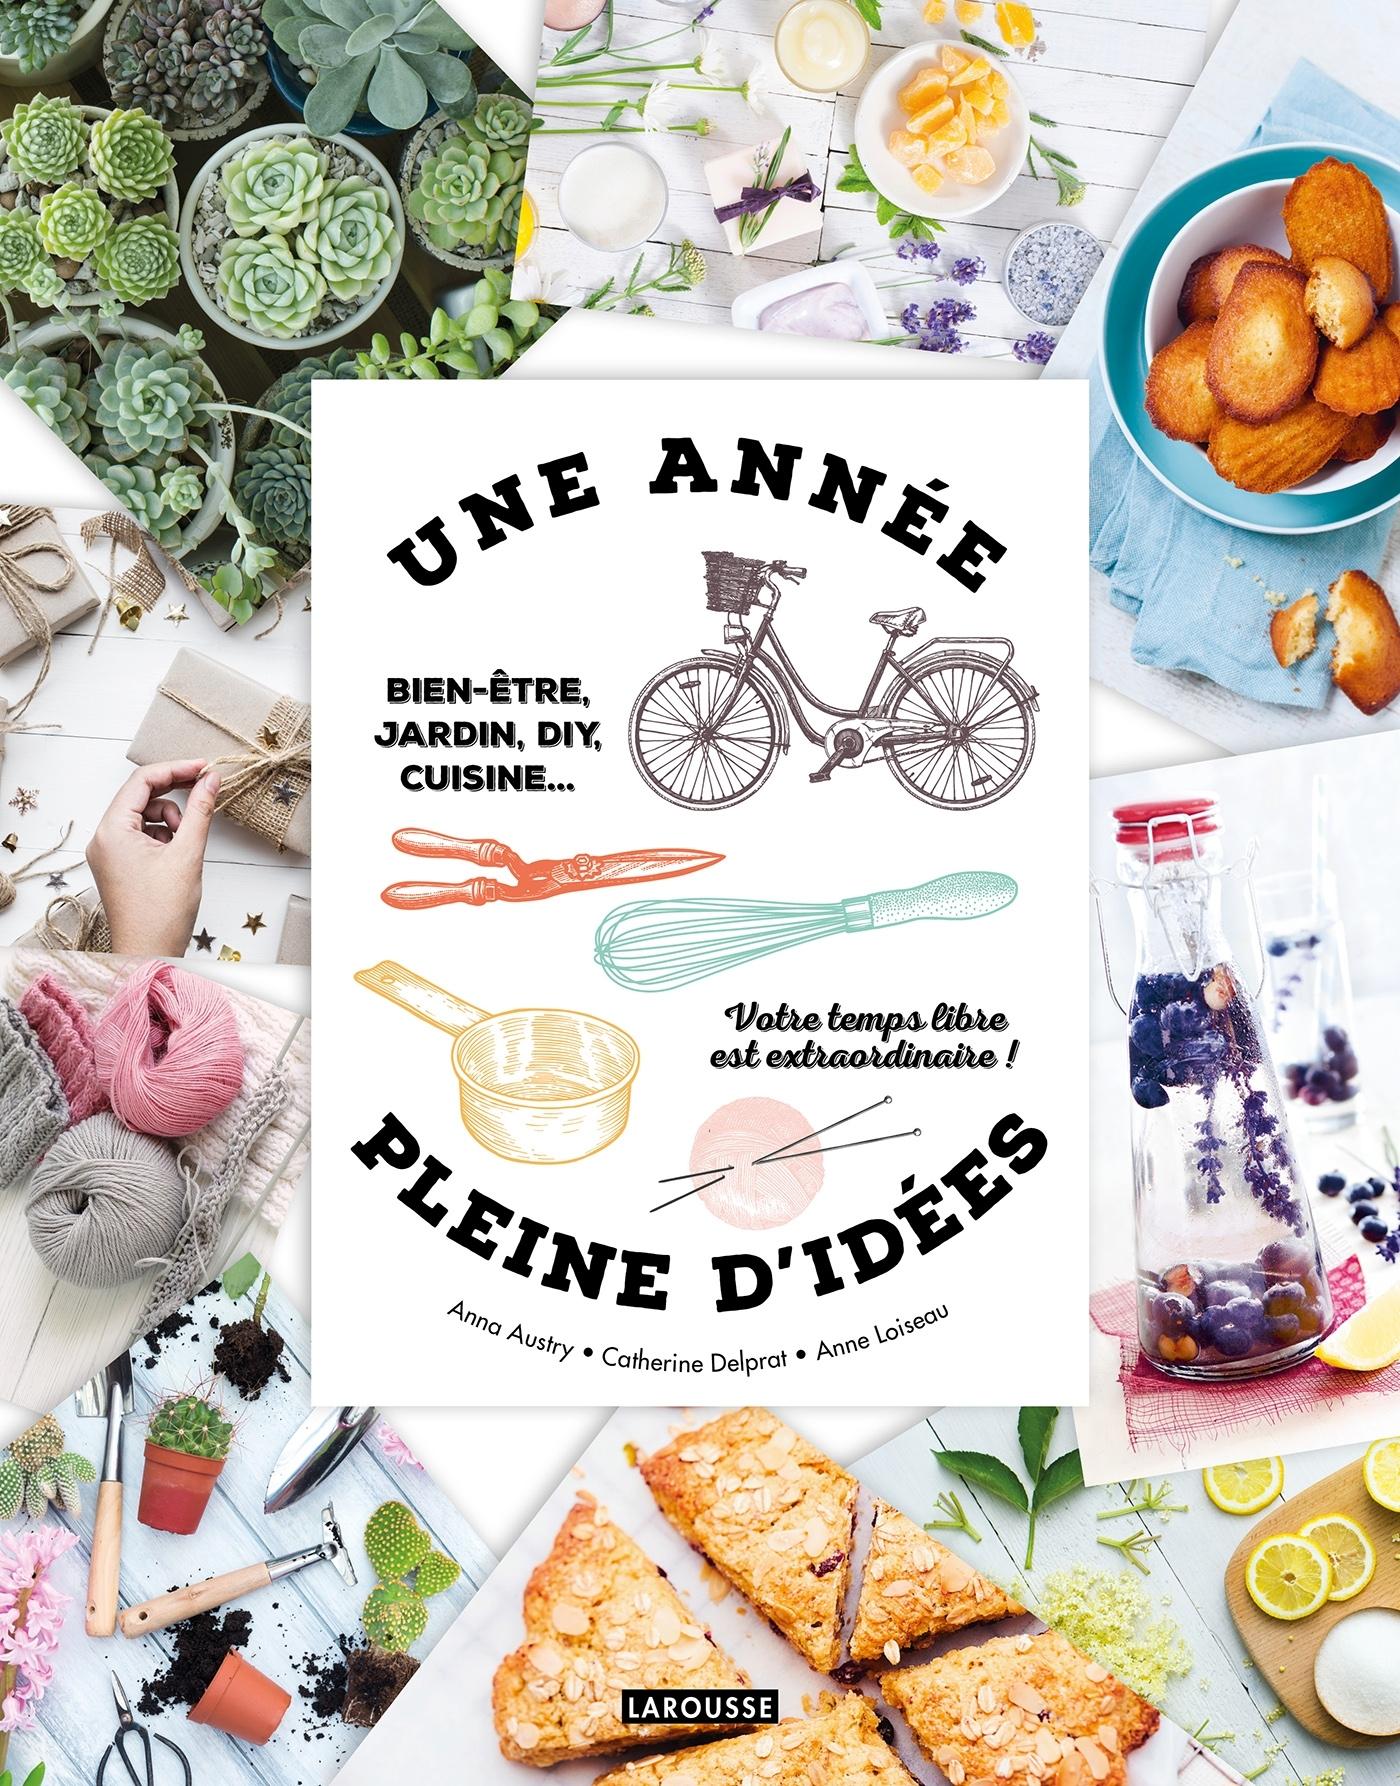 UNE ANNEE PLEINE D'IDEES - BIEN-ETRE,  JARDIN, DIY, CUISINE... VOTRE TEMPS LIBRE EST EXTRAOR